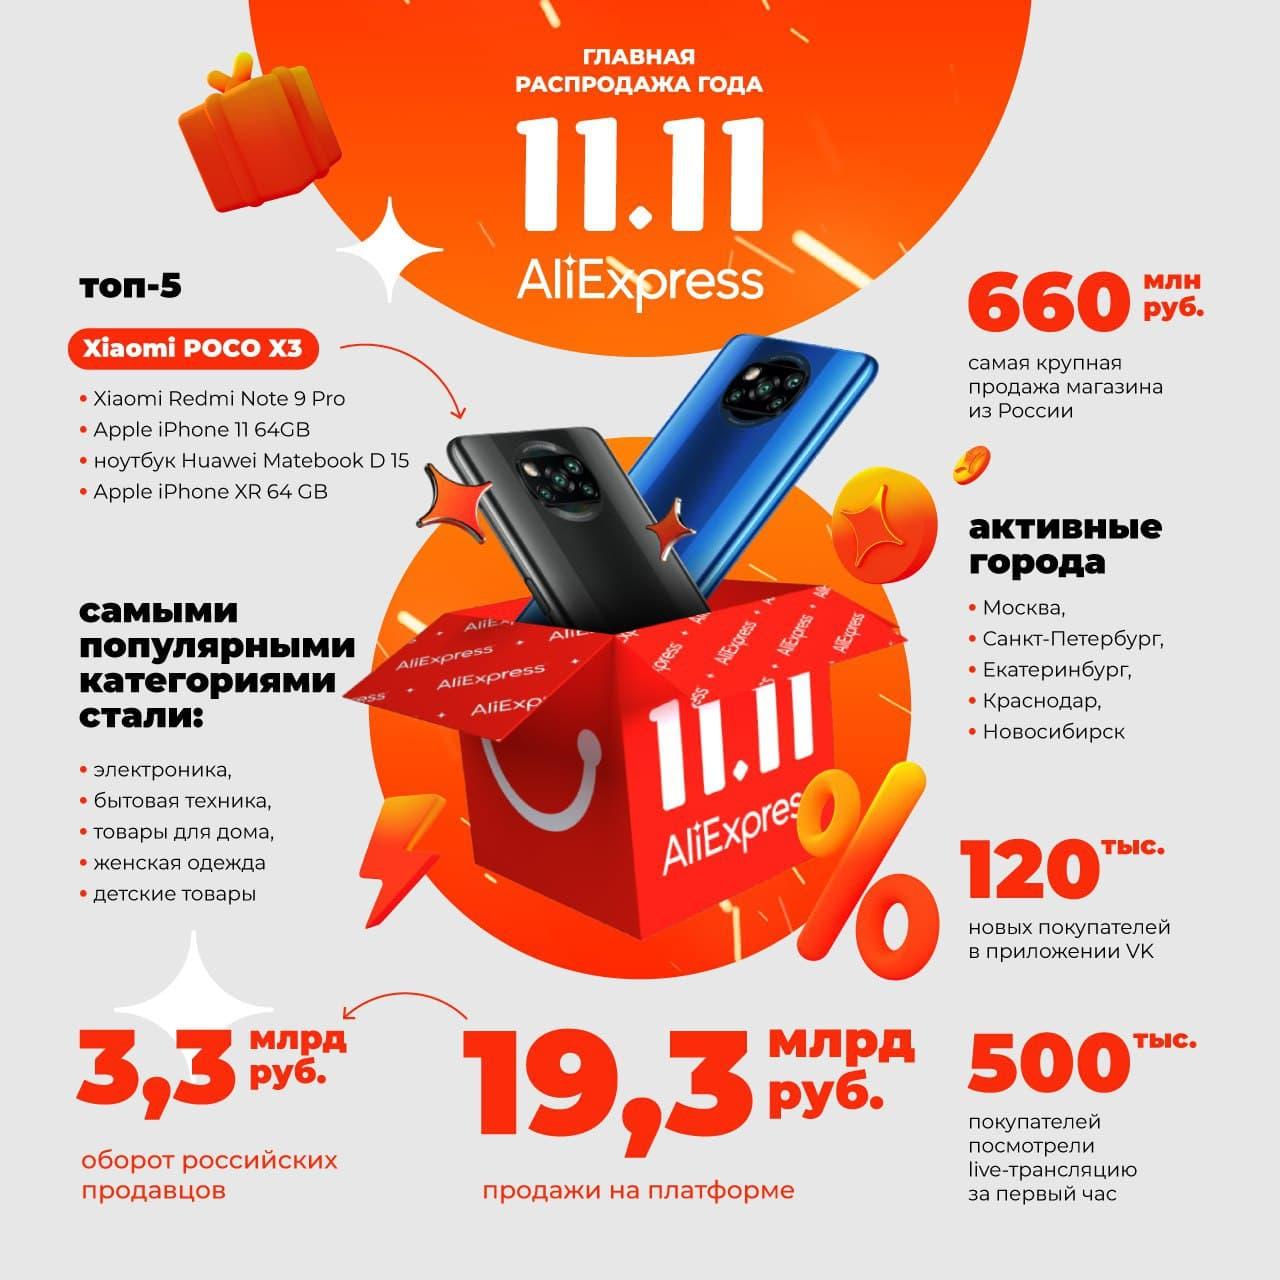 AliExpress Russia 11.11